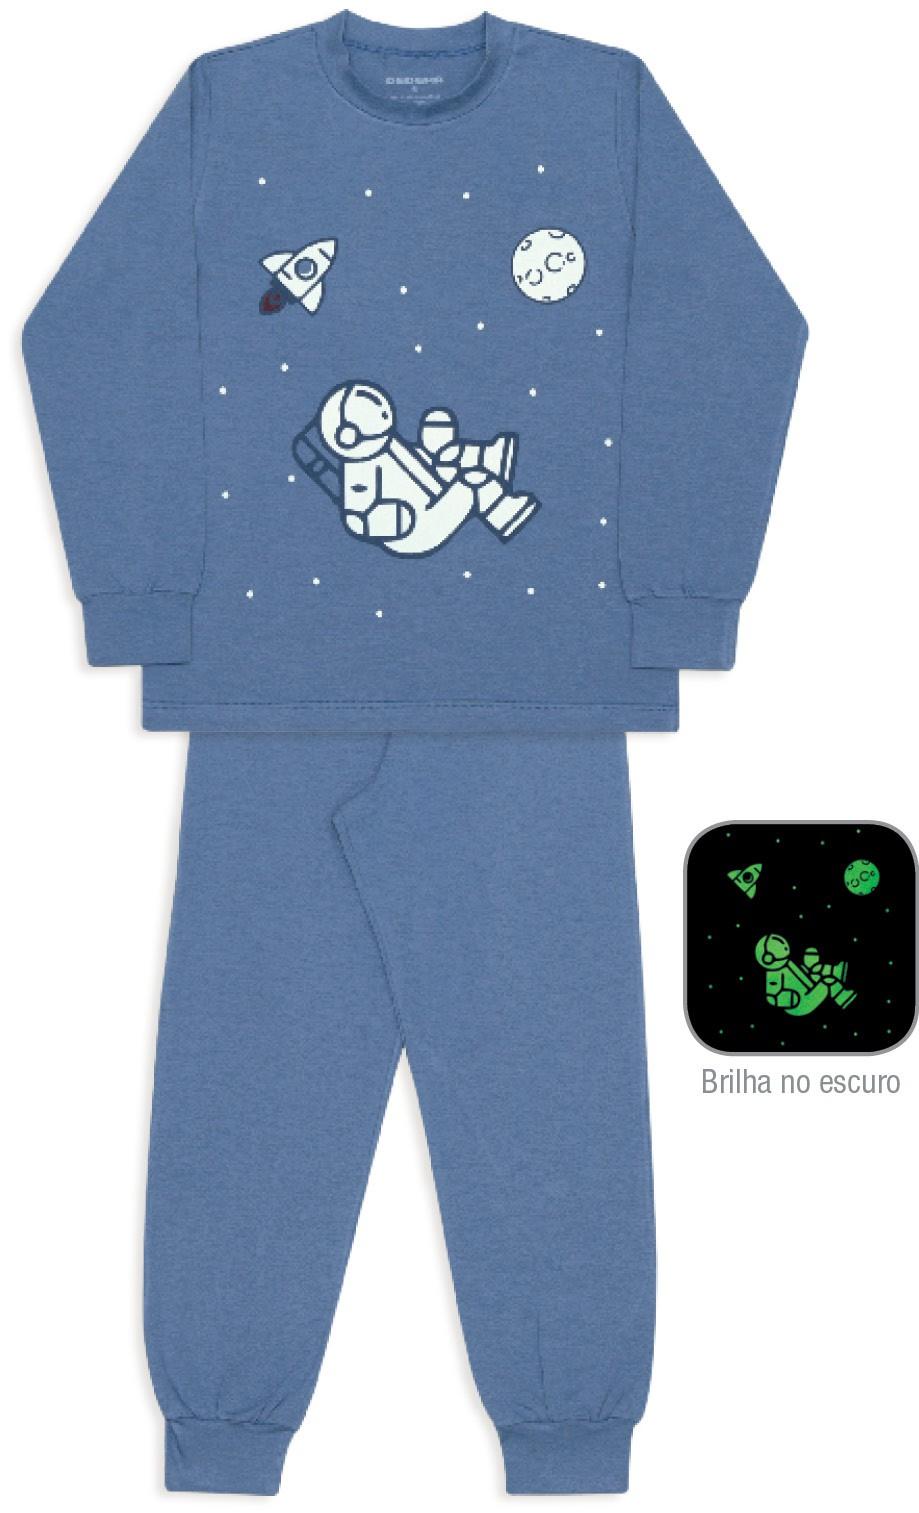 Pijama de algodão e modal espaço sideral Infantil